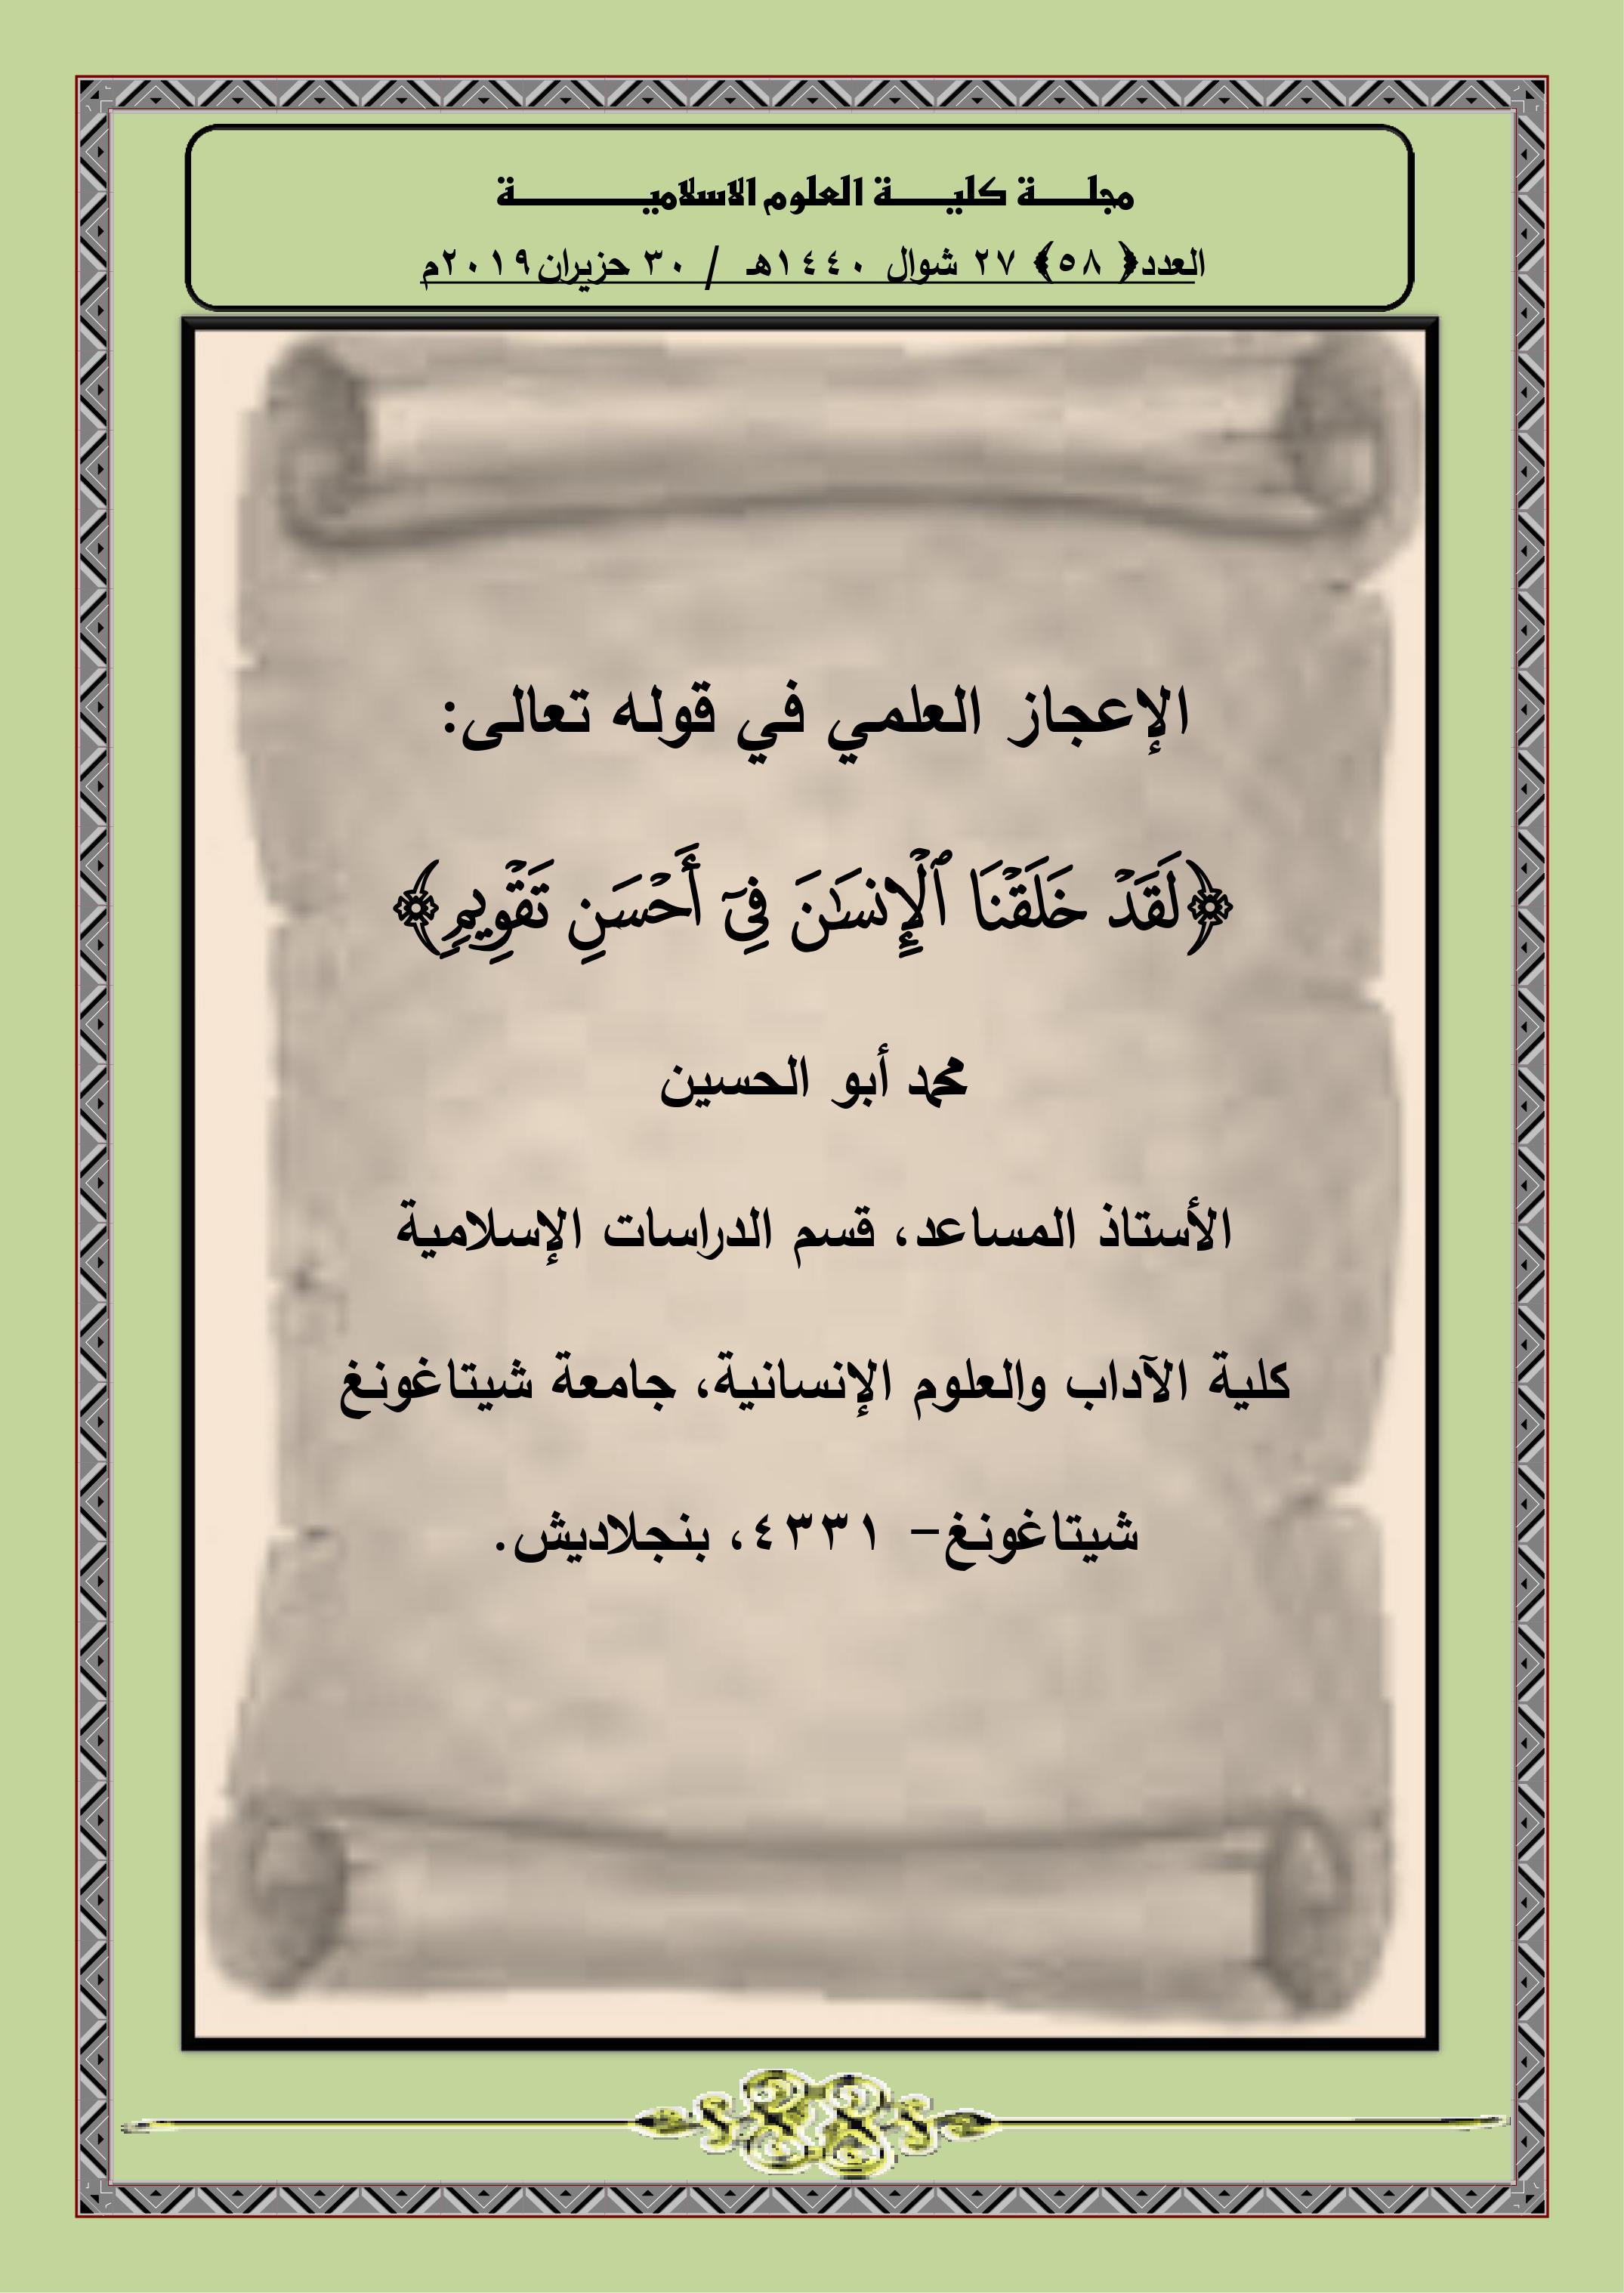 الإعجاز العلمي في قوله تعالى: ﱡﭐﱥ ﱦ ﱧ ﱨ ﱩ ﱪﱠ محمد أبو الحسين